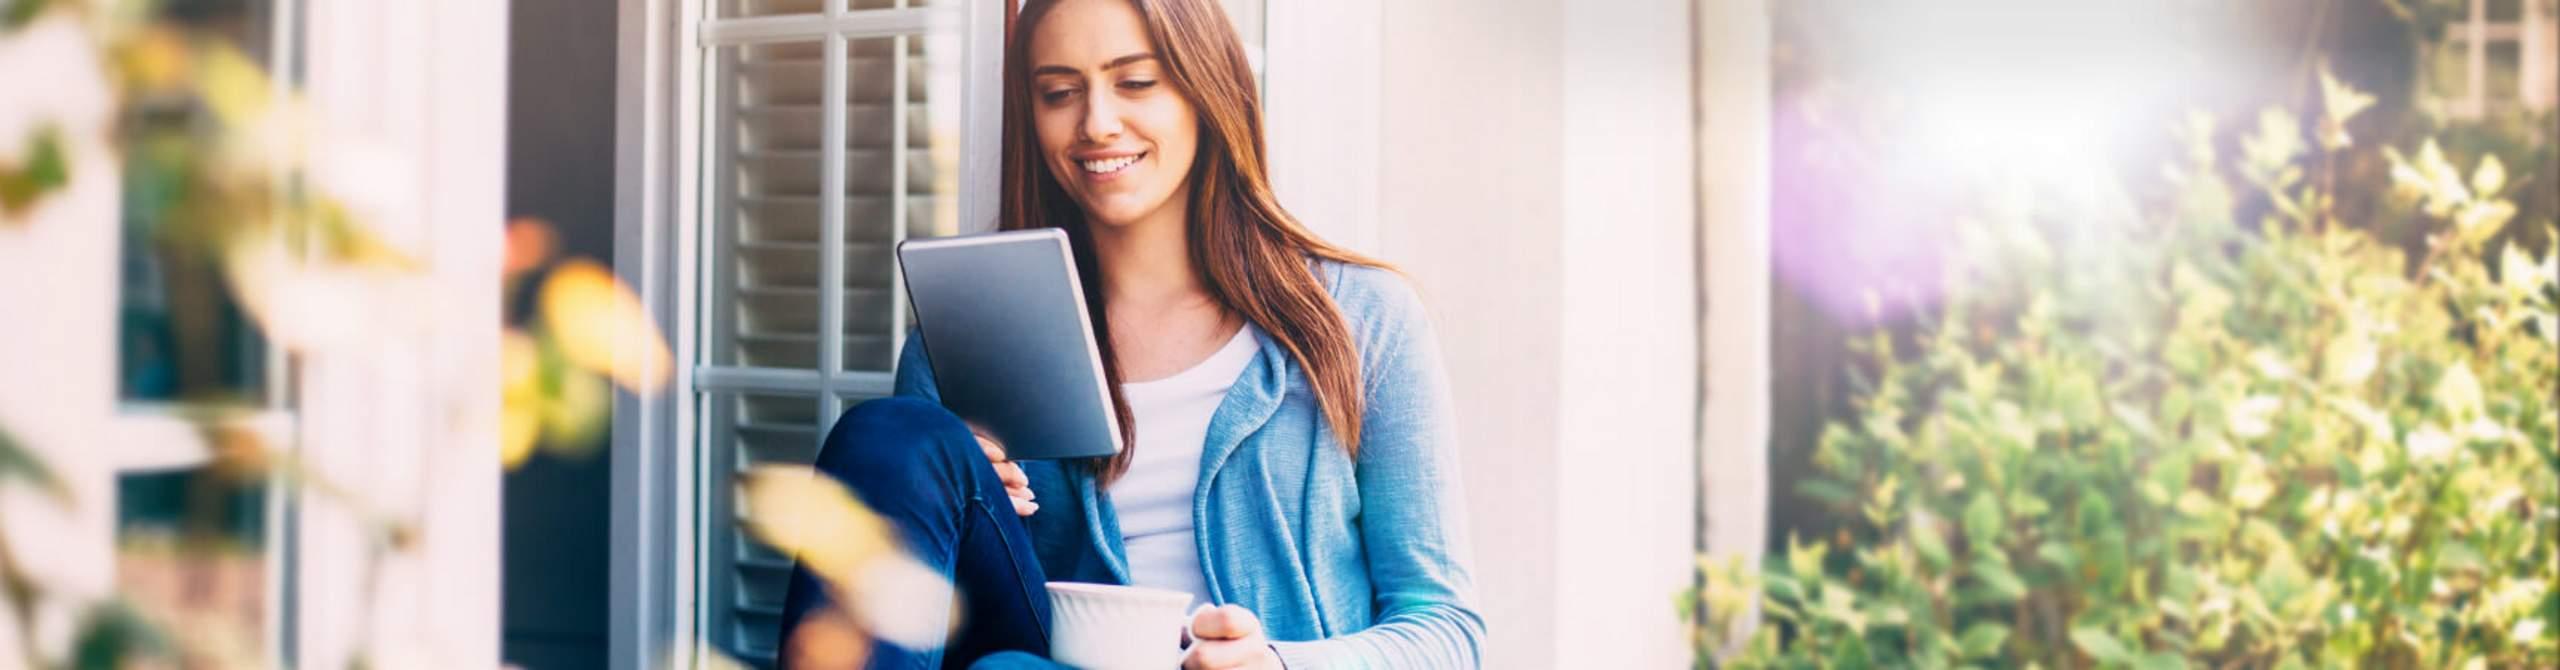 Frau sitzt auf einer Fensterbank und schaut lächelnd auf ein Tablet.